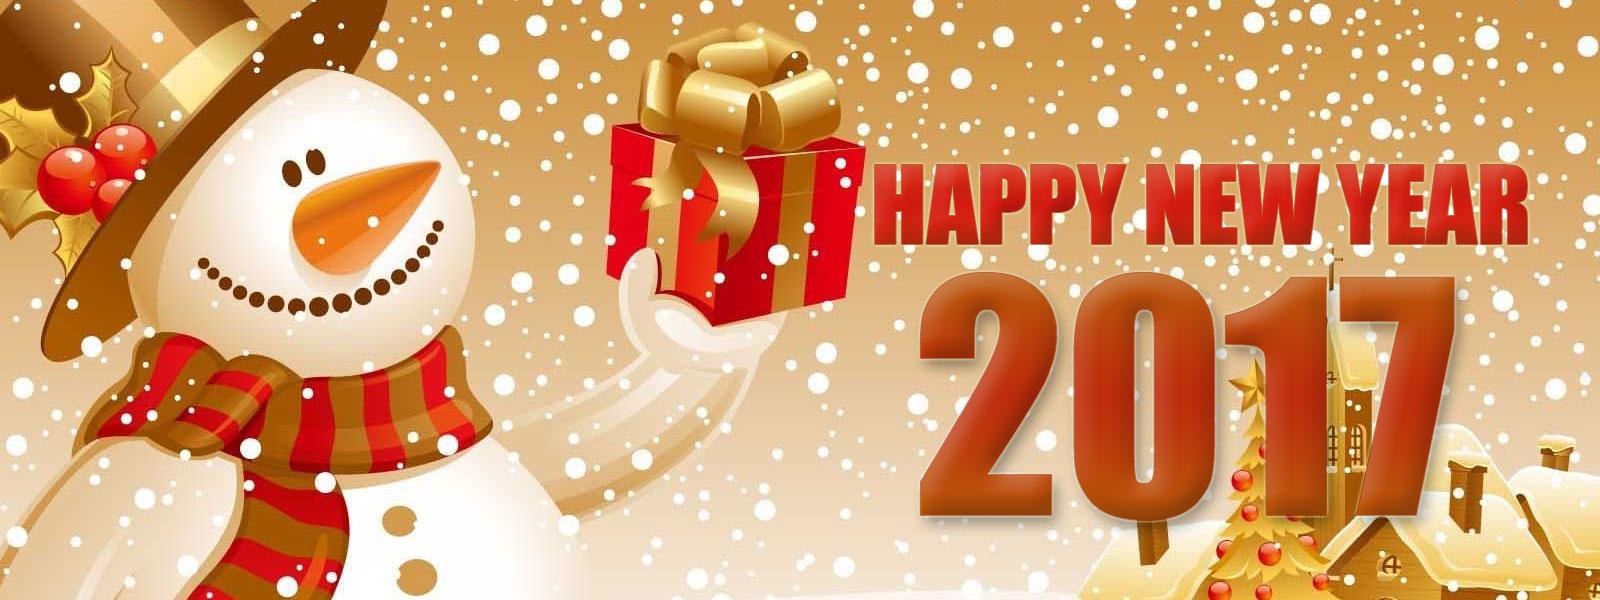 Новый год уже на пороге:) Символ года, праздничный декор, украшения для ёлки, гирлянды, деды морозы и снеговики, карнавальные костюмы и многое-многое другое! А так же надувные фигуры по отличным ценам!